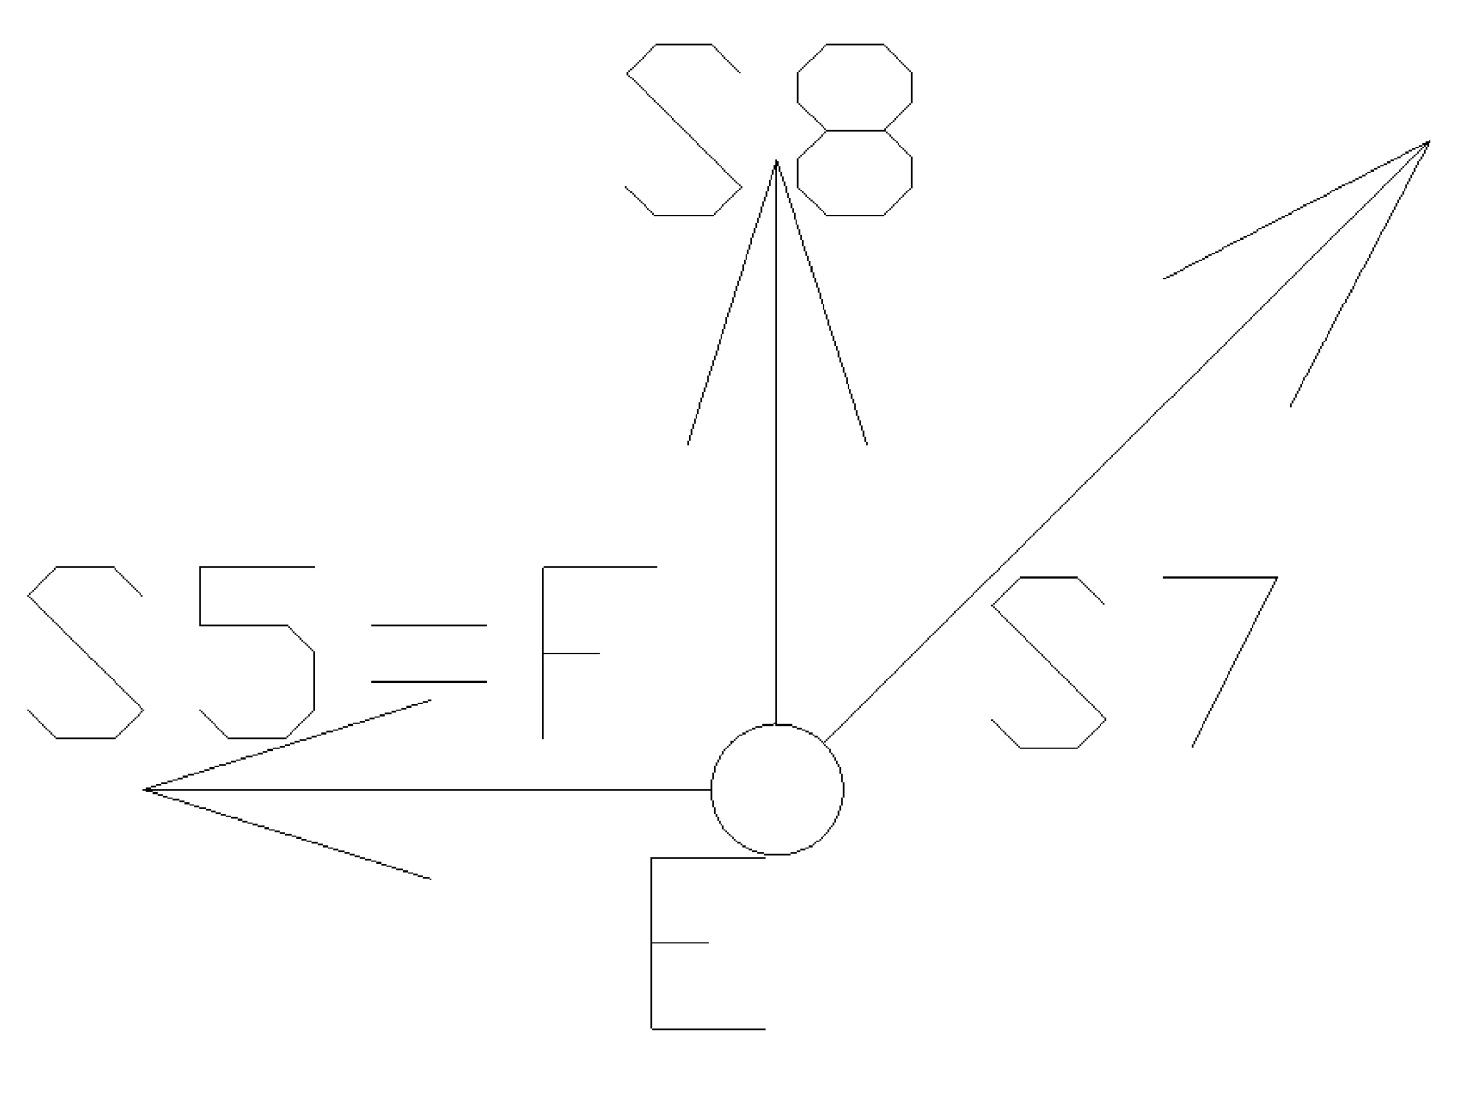 statyka20 - Kratownica płaska - metoda równoważenia węzłów - zadanie 22